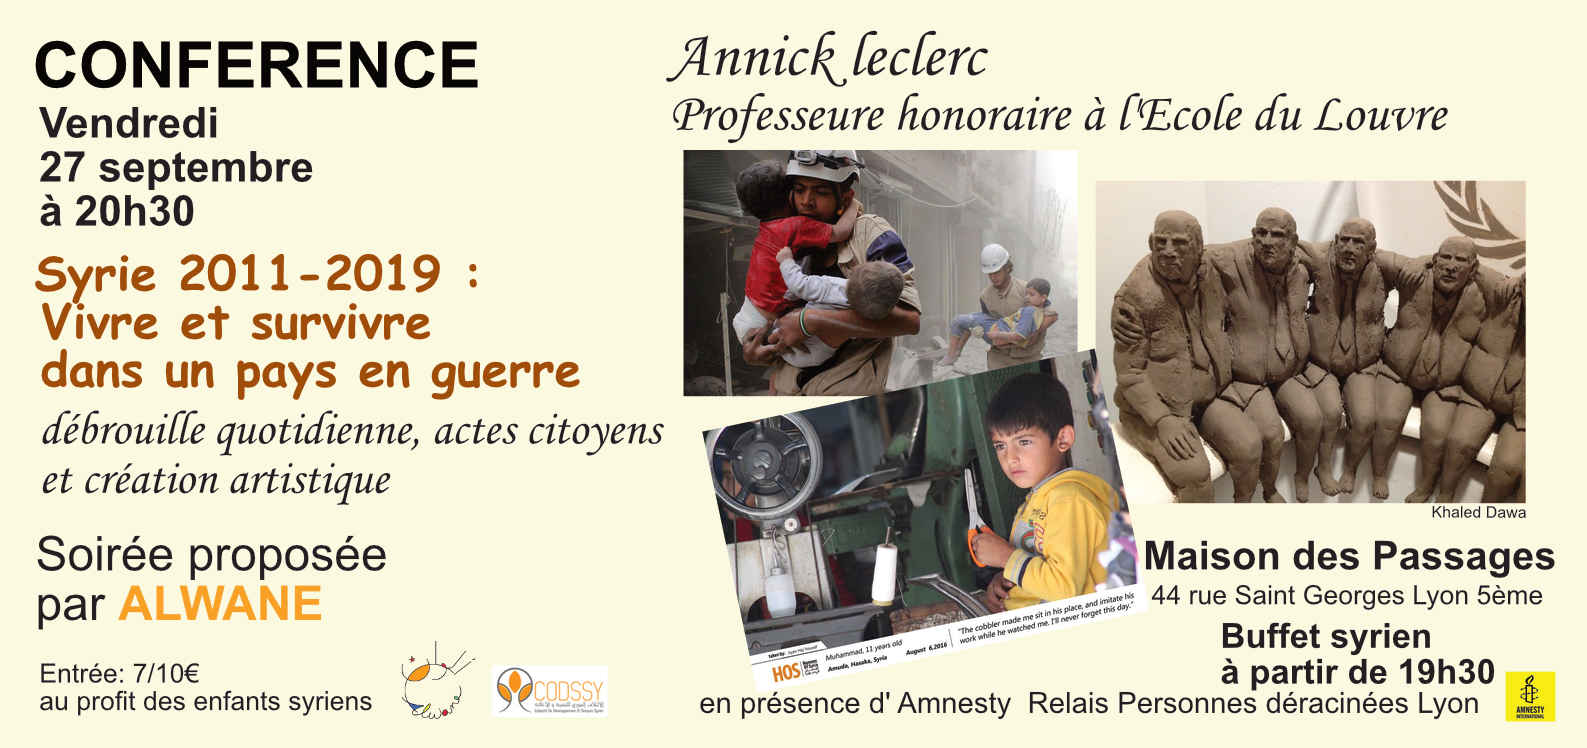 Conférence: Syrie 2011-2019, Vivre et survivre dans un pays en guerre